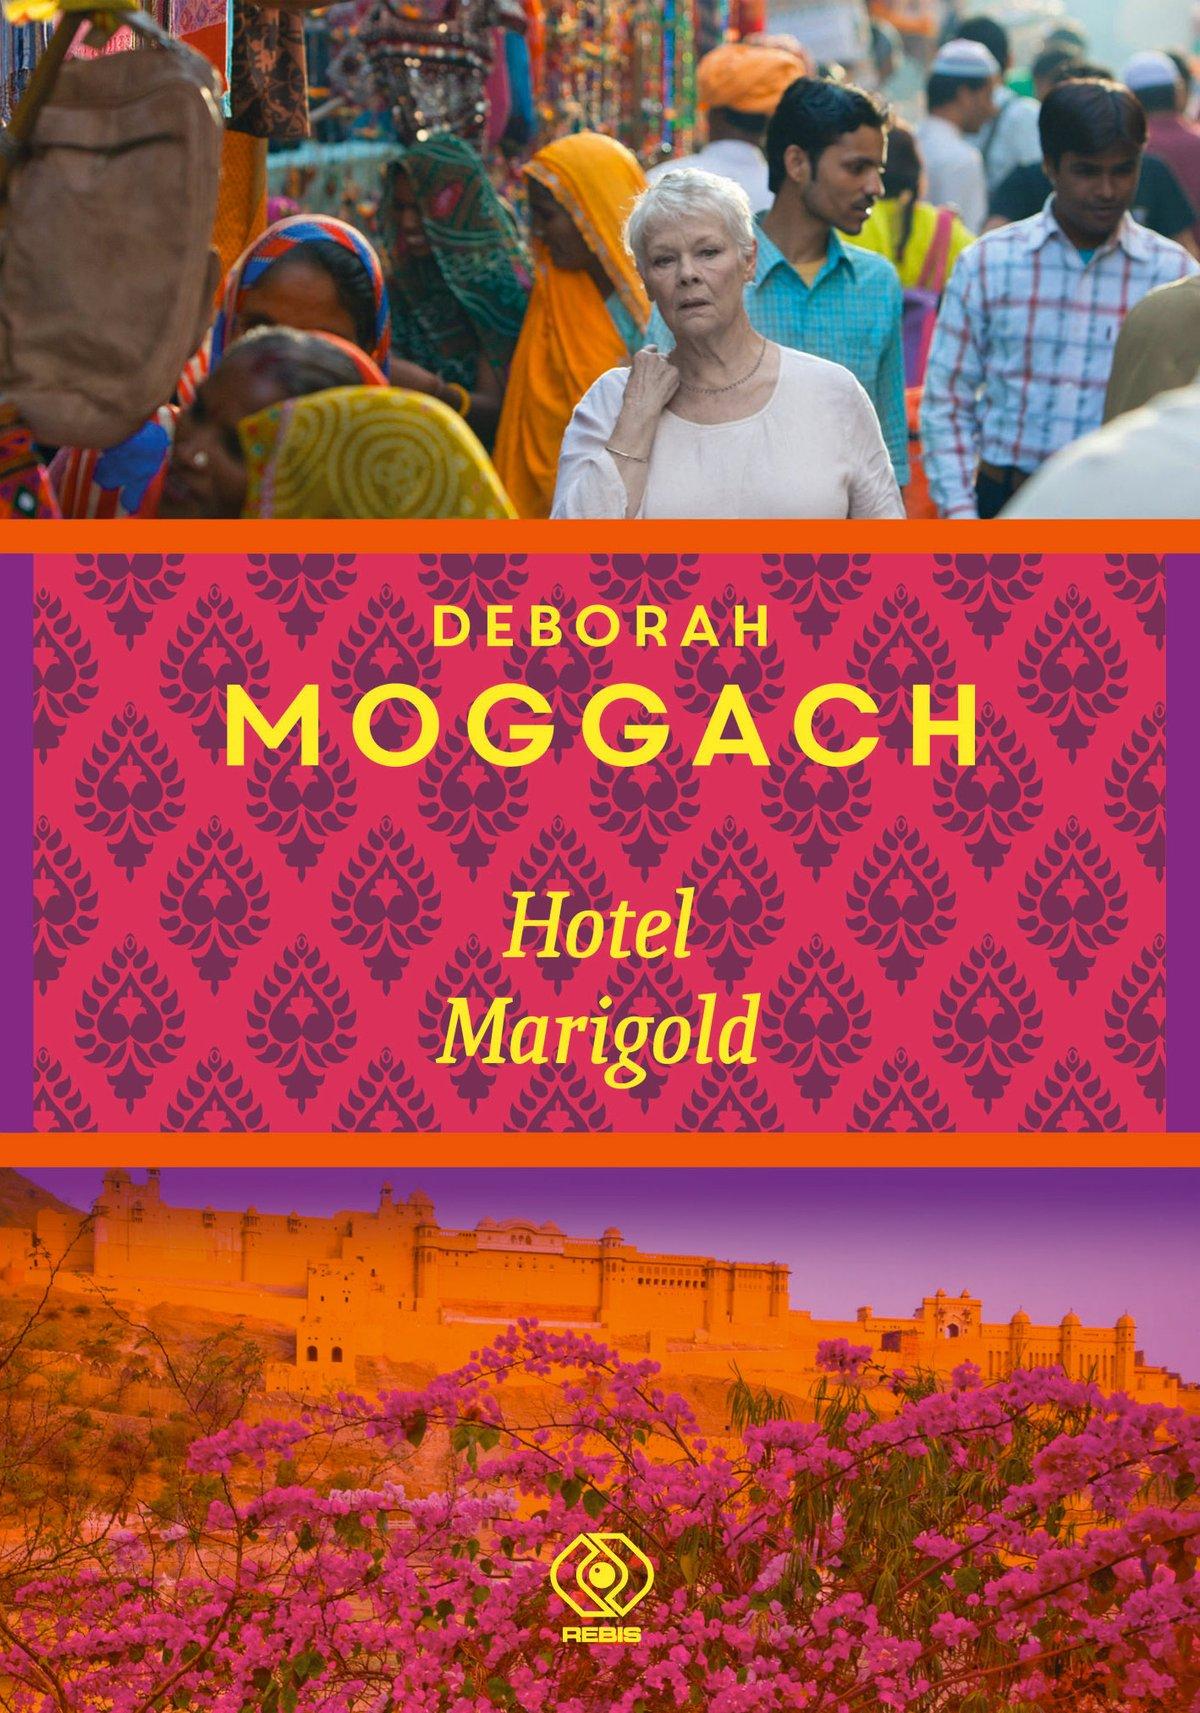 Hotel Marigold - Ebook (Książka EPUB) do pobrania w formacie EPUB